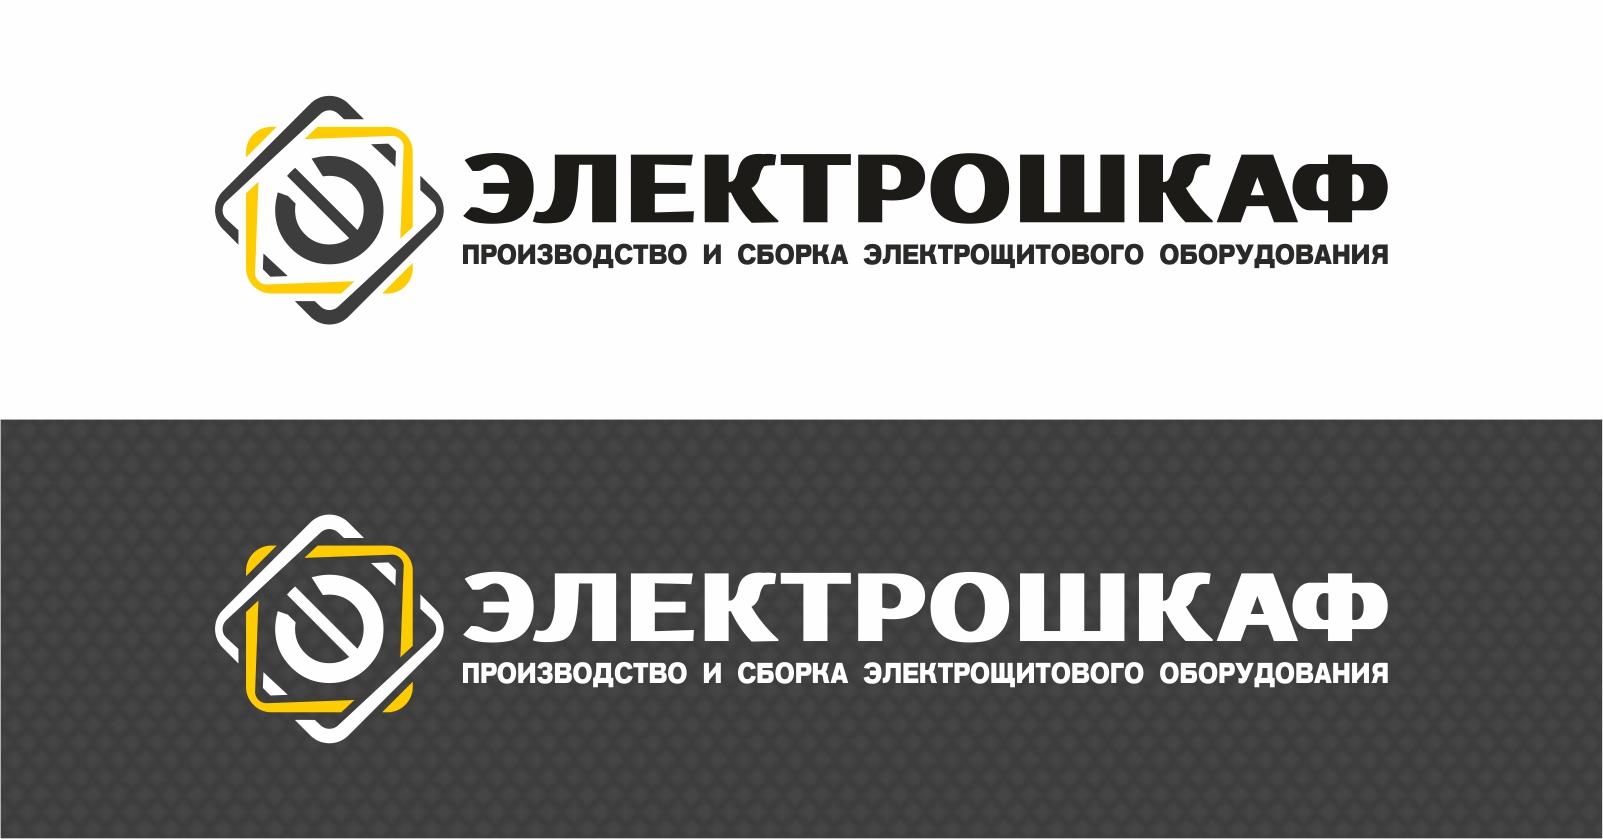 Разработать логотип для завода по производству электрощитов фото f_6775b6d45916dd9d.jpg